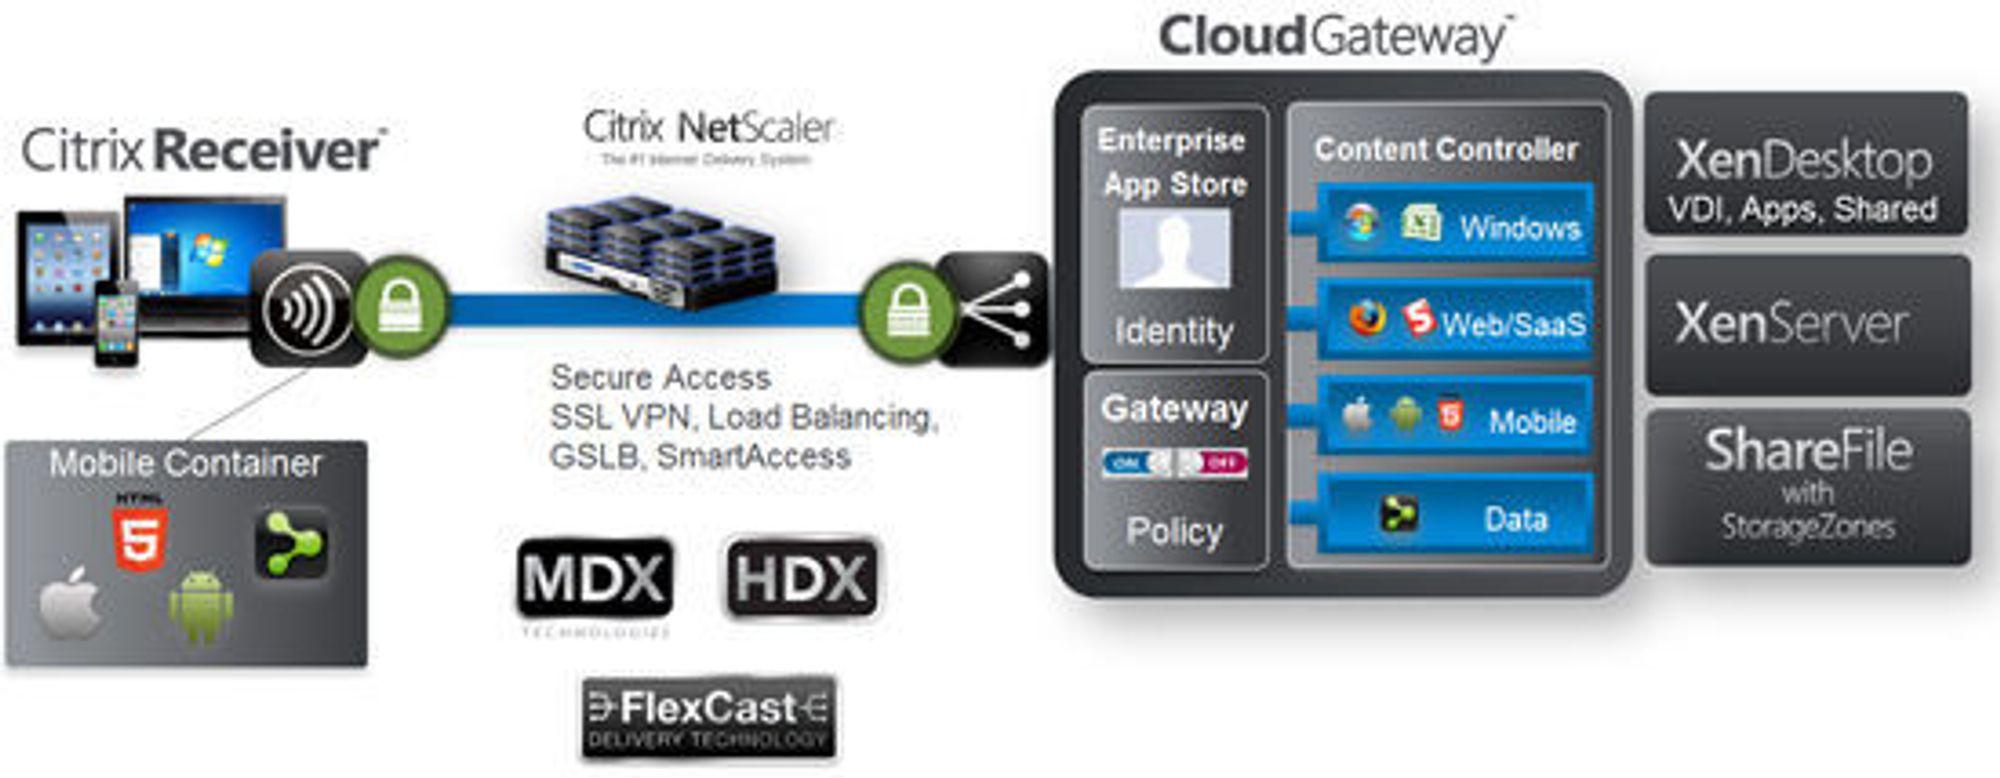 Citrix-løsning per november 2012: MDX, «mobile device experience», gir mobile brukere tilgang til sentrale tjenester, også virtuell pc og Windows-applikasjoner, som kjøres i lukkede kontainere på den mobile enheten.